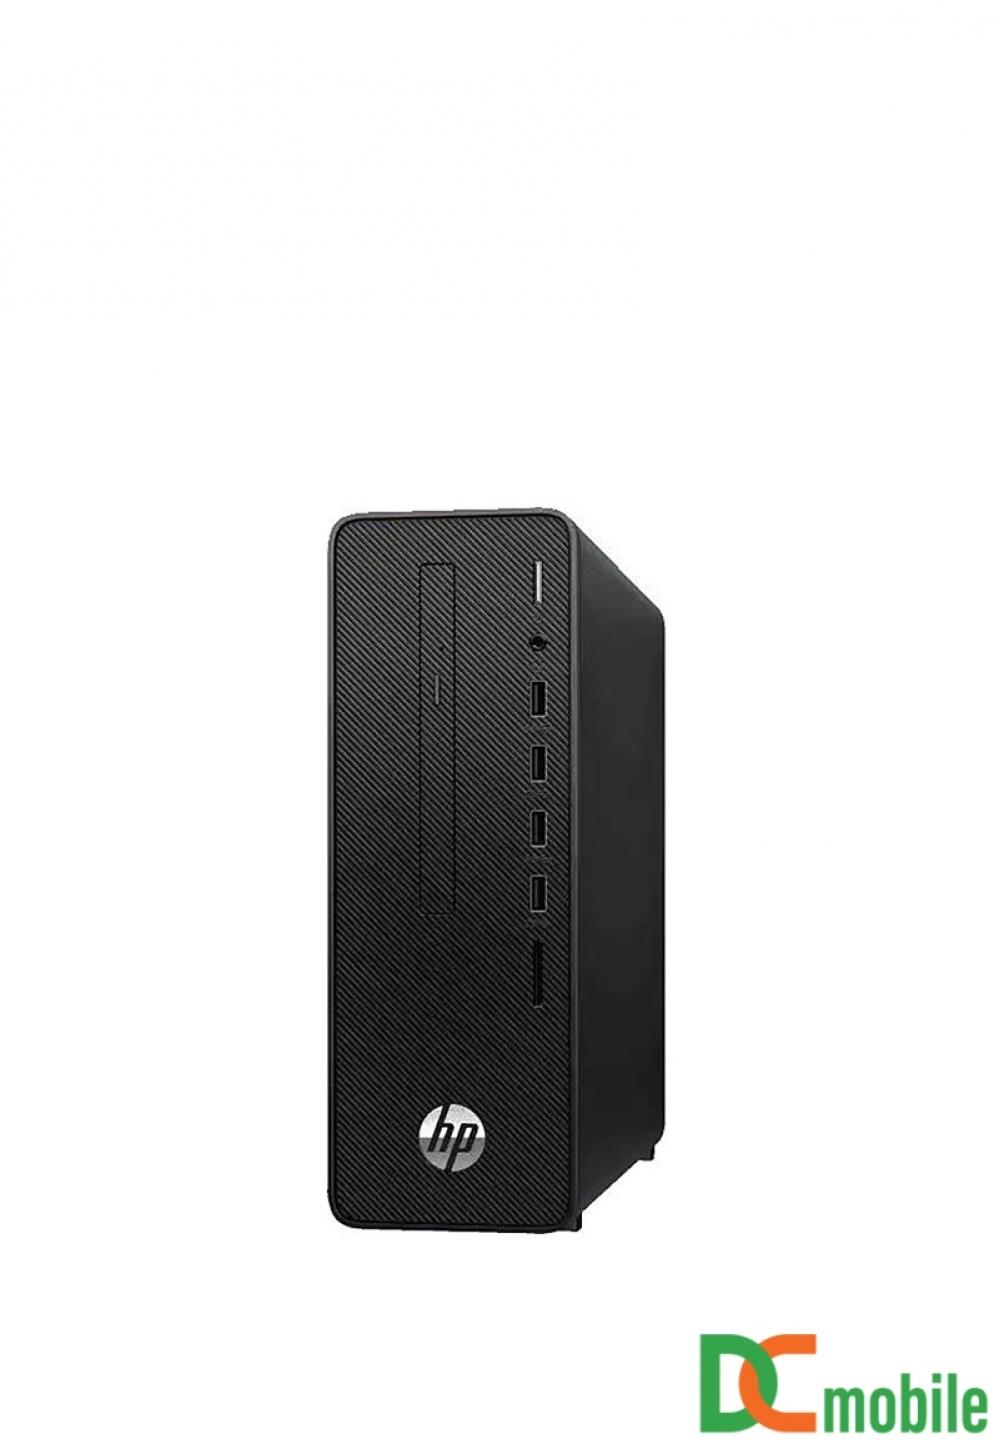 Máy tính để bàn HP 280 Pro G5 SFF